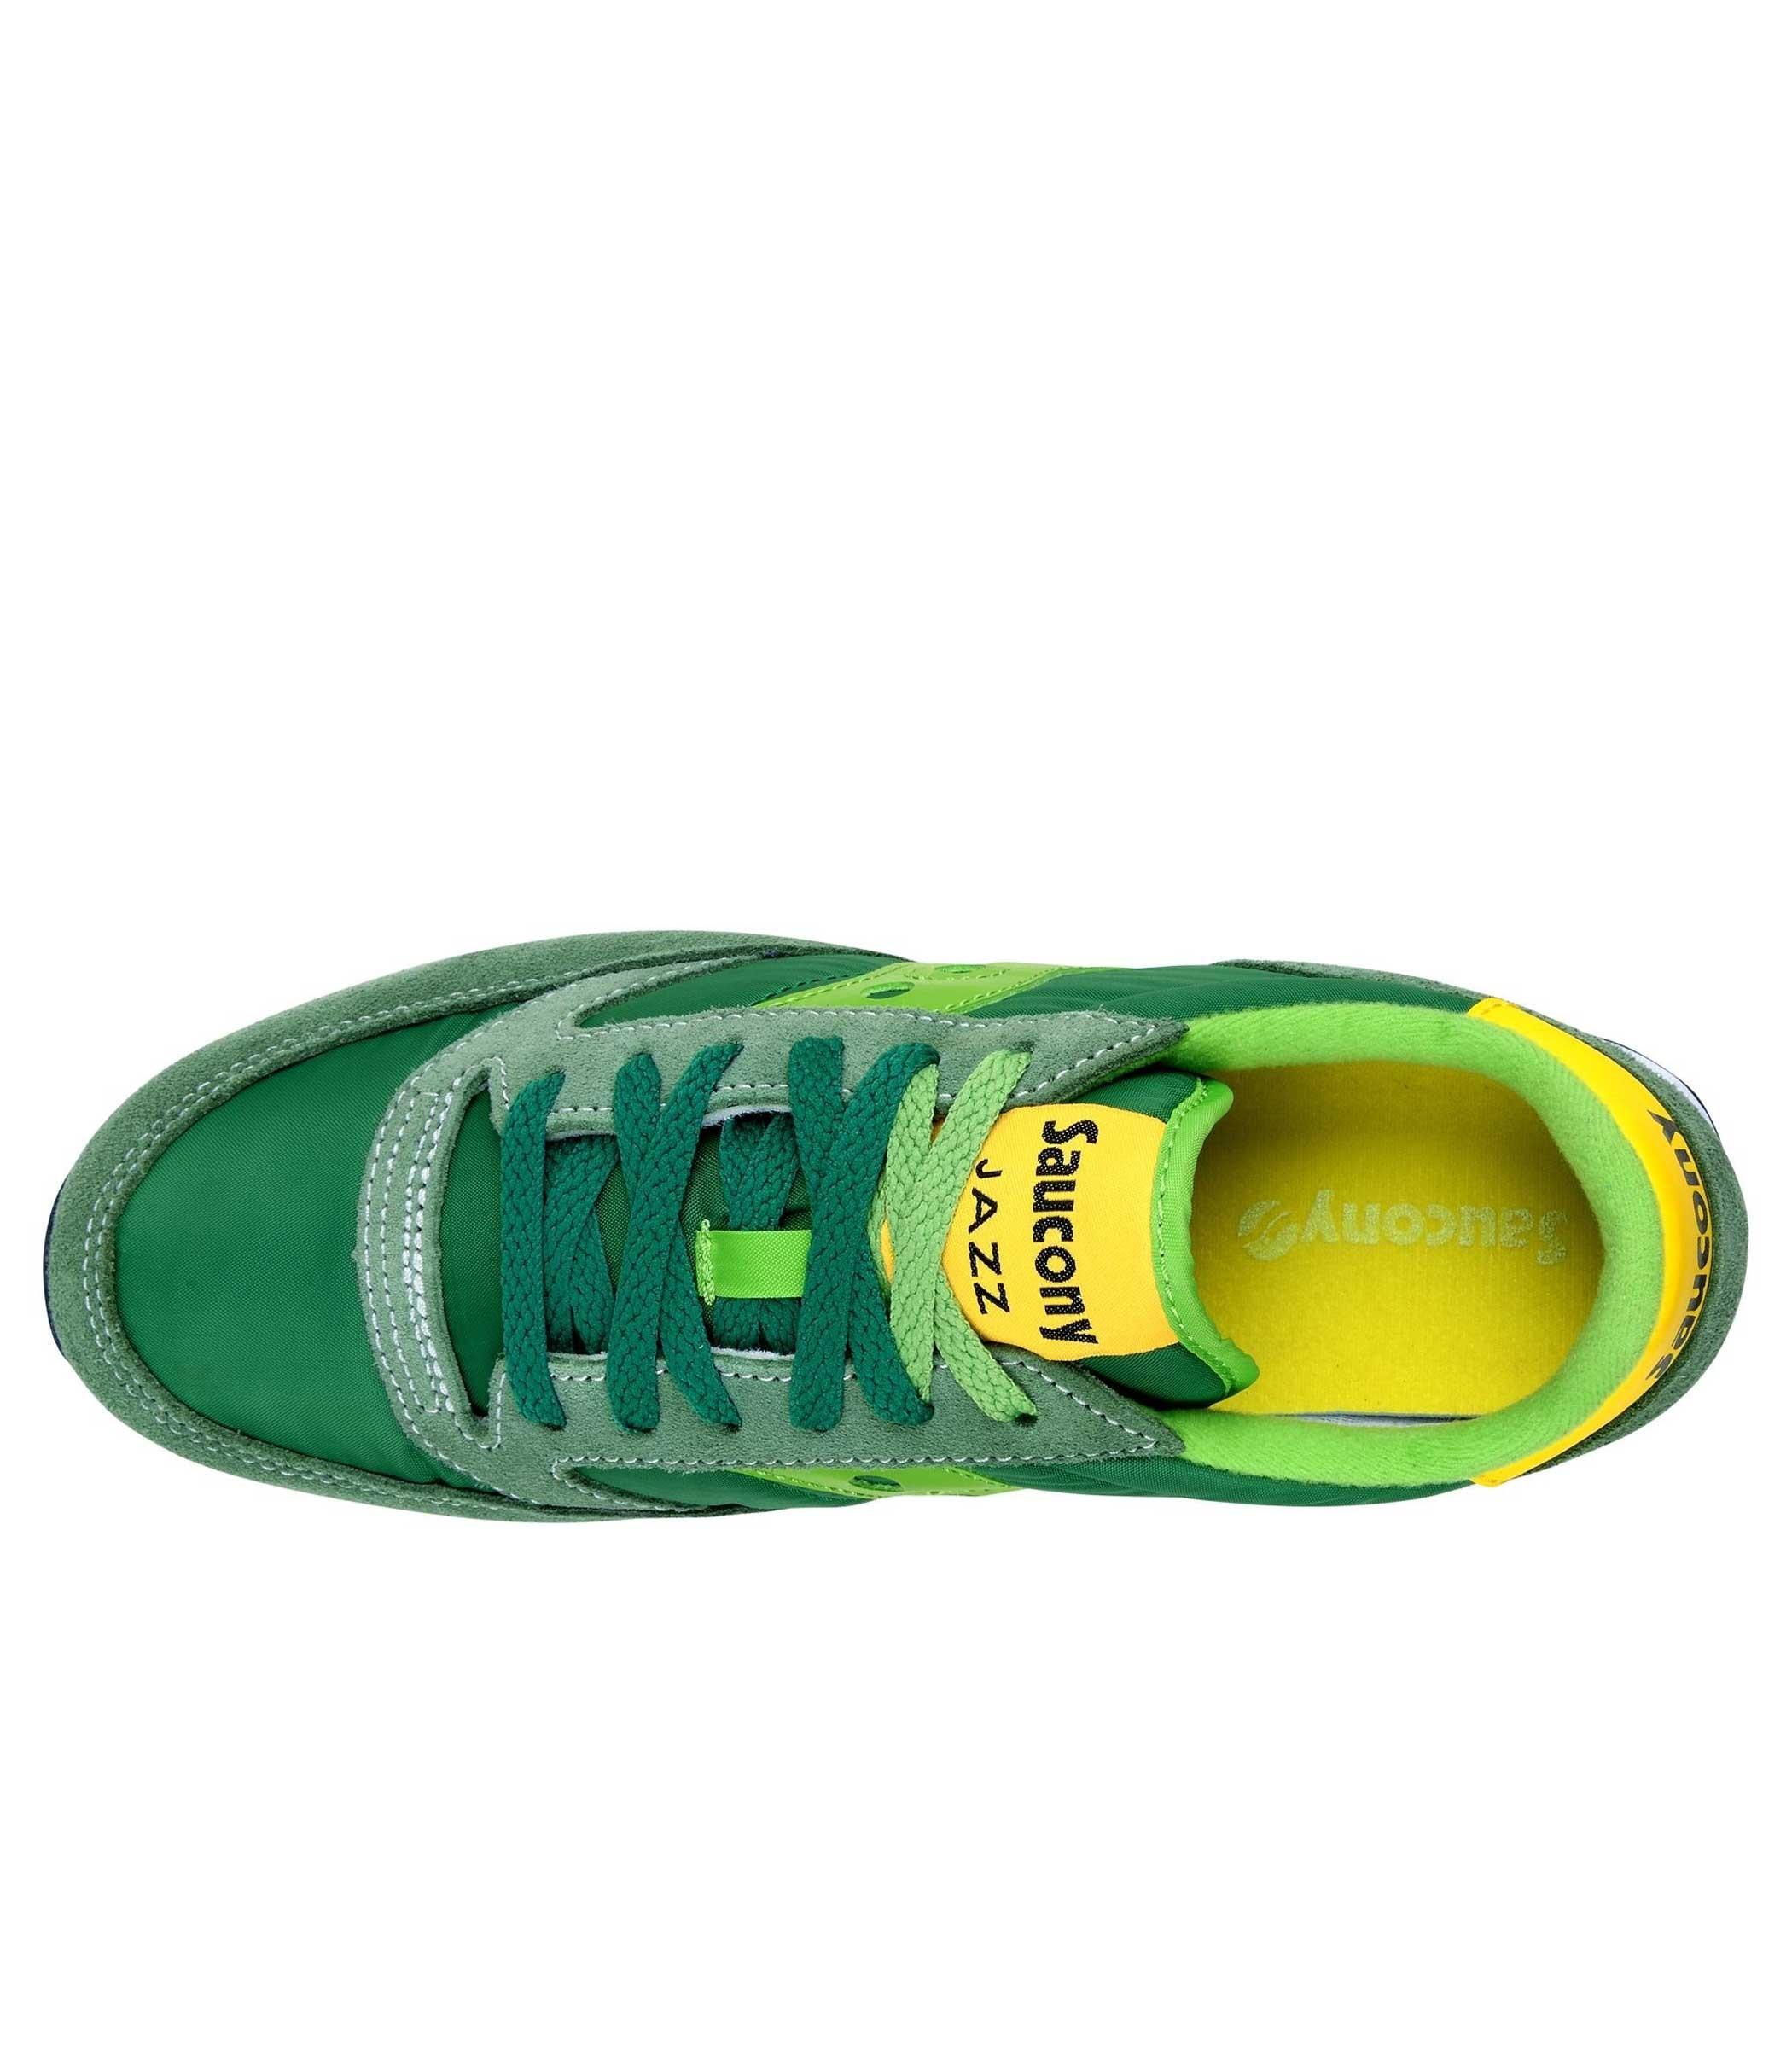 Scarpe Sneakers Saucony Jazz Original da uomo rif. S2044-517 4165a66a9f0